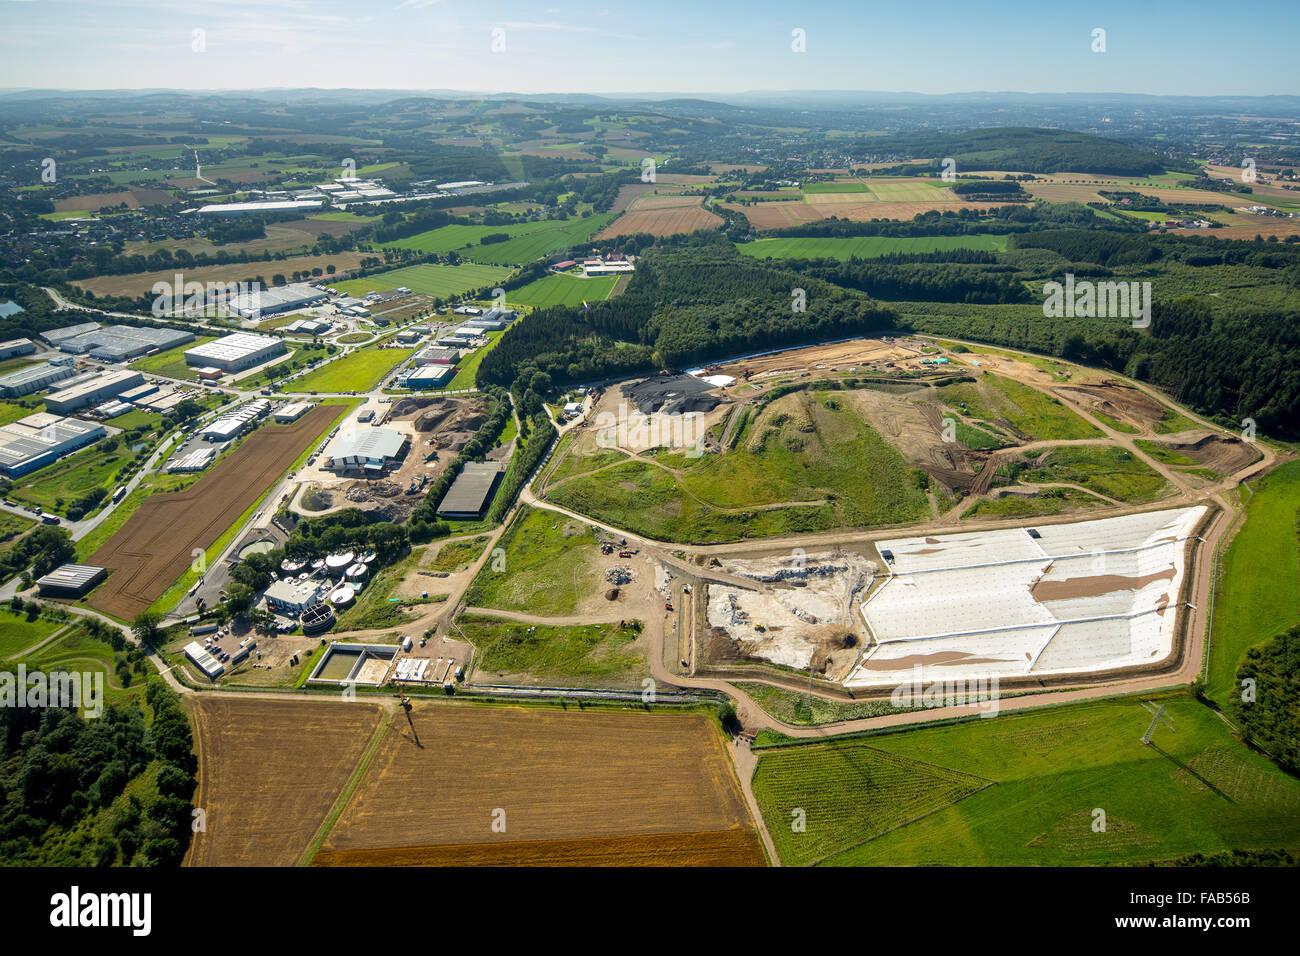 Aerial view, Reesberg landfill, Kirchlengern, East Westphalia, North Rhine-Westphalia, Germany, Europe, Aerial view, - Stock Image